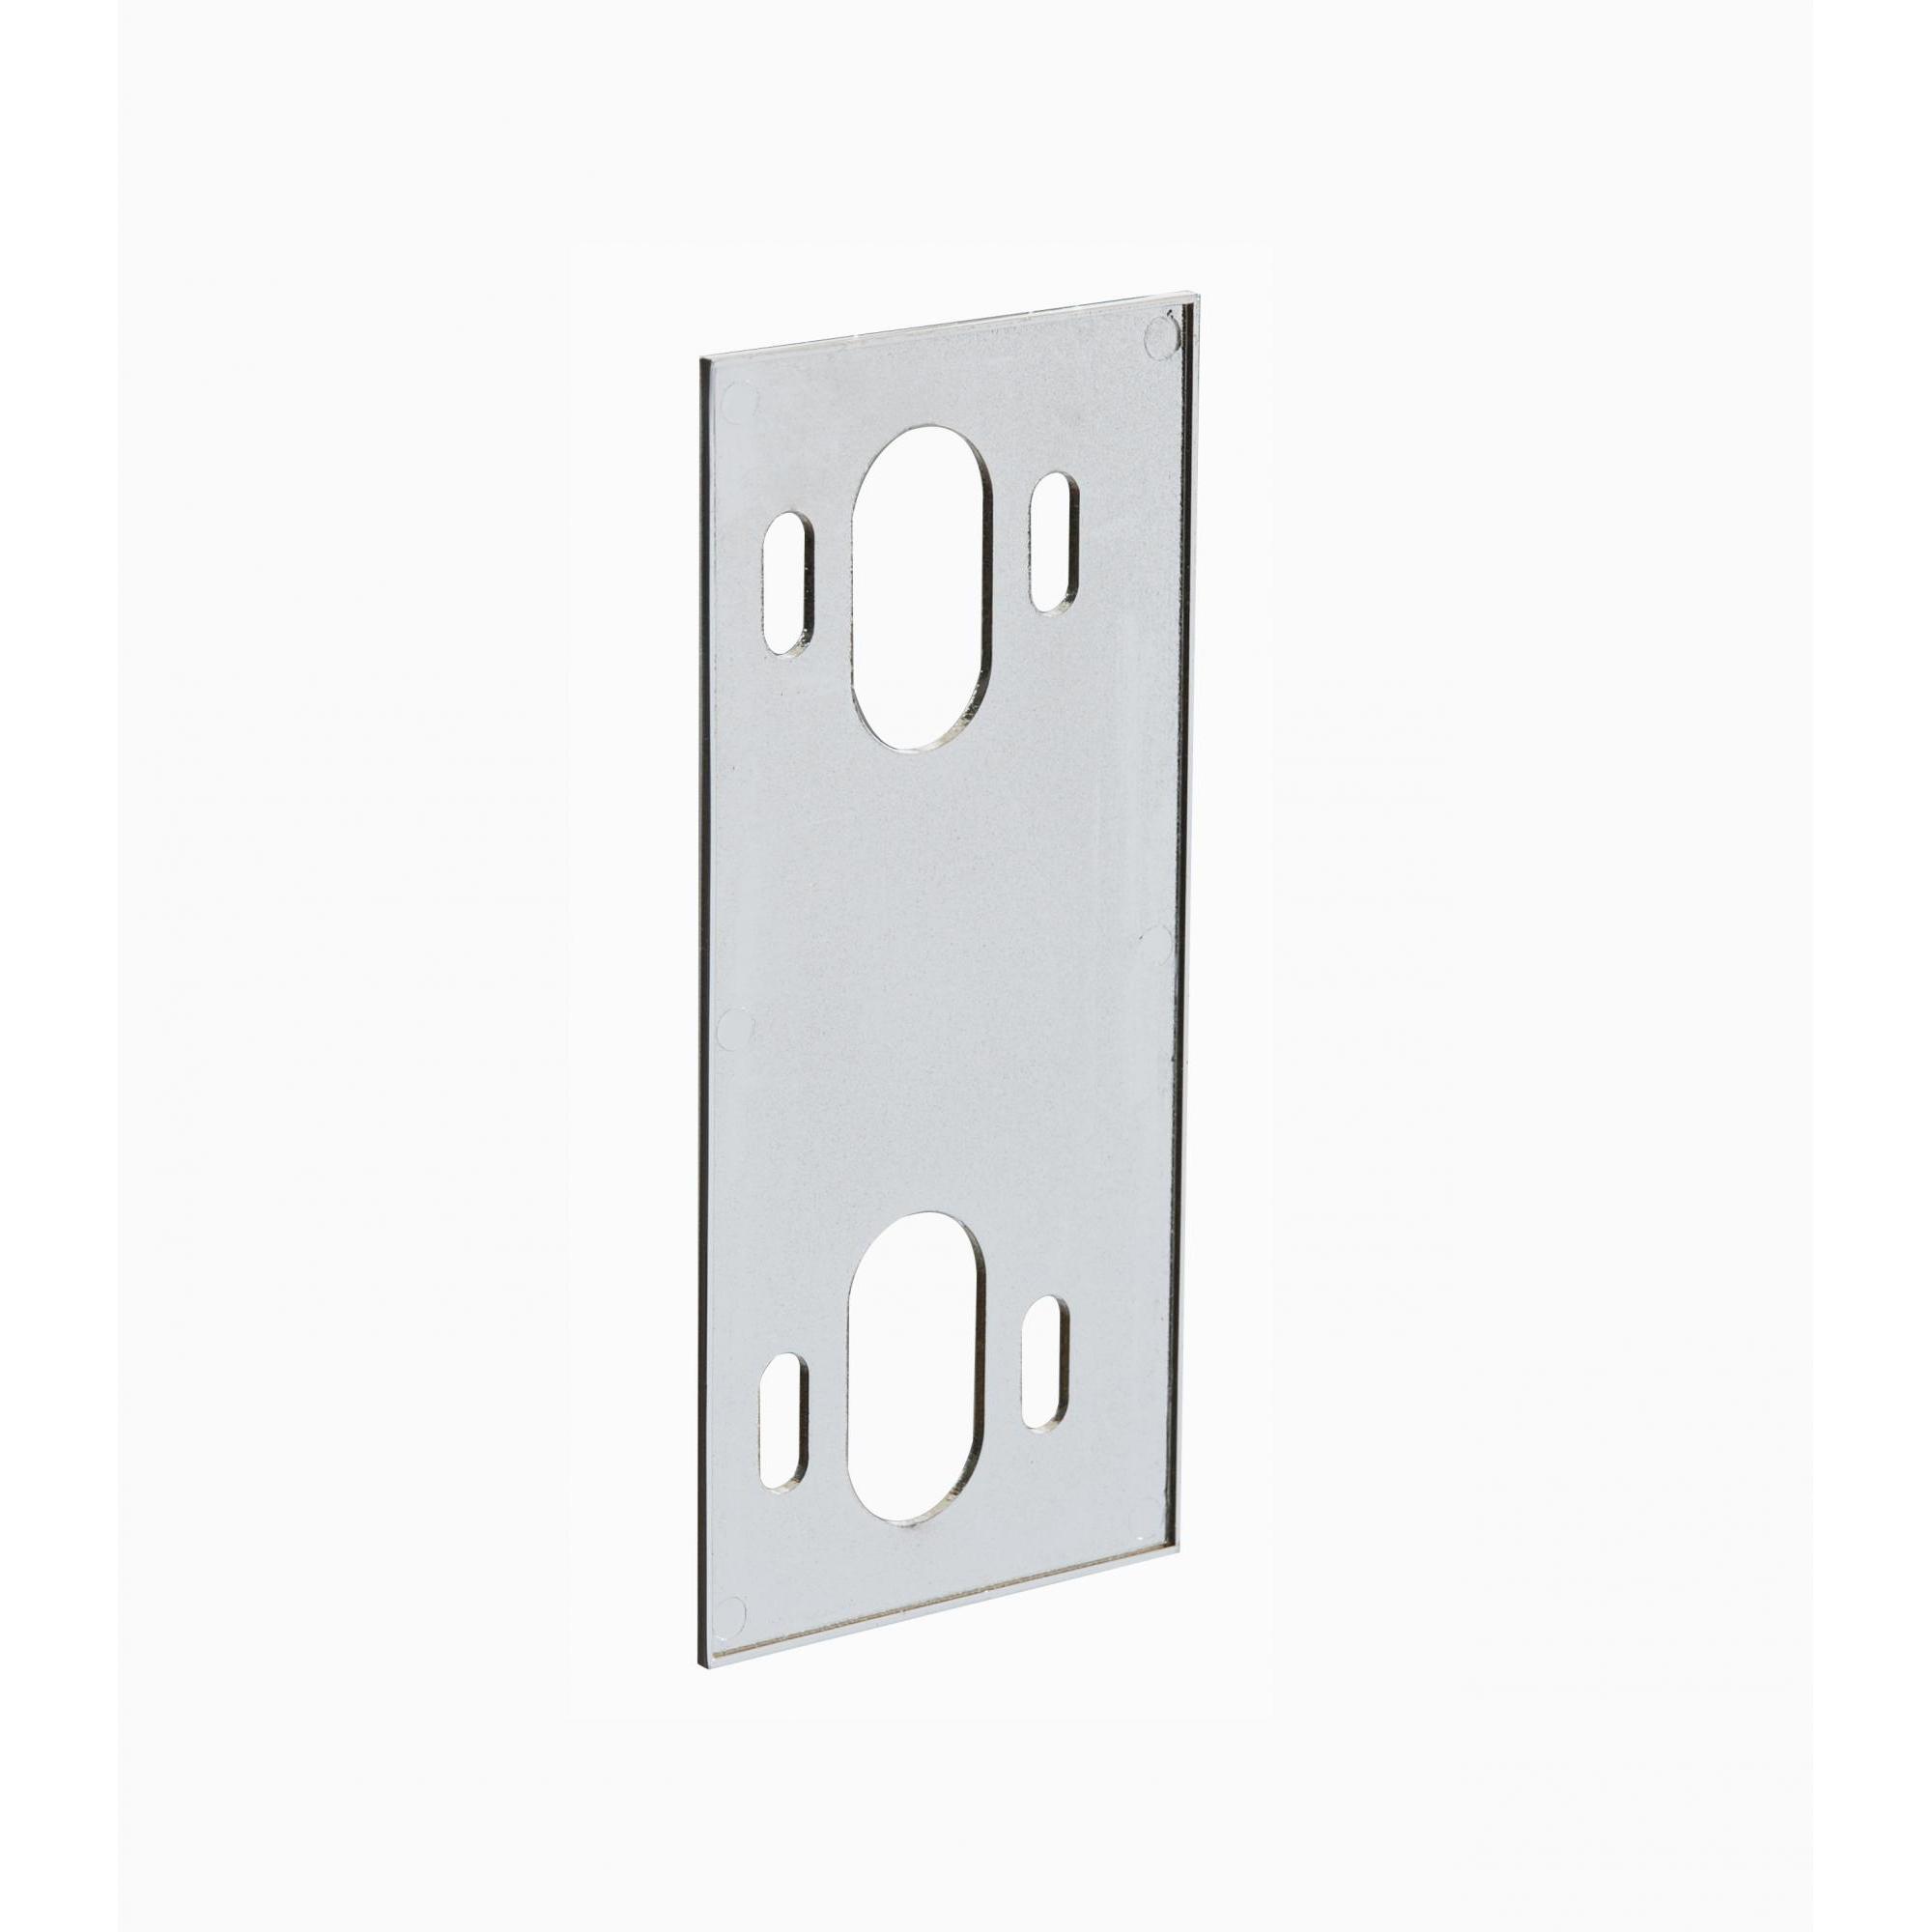 Защёлка магнитная для стеклянных дверей с корпусом